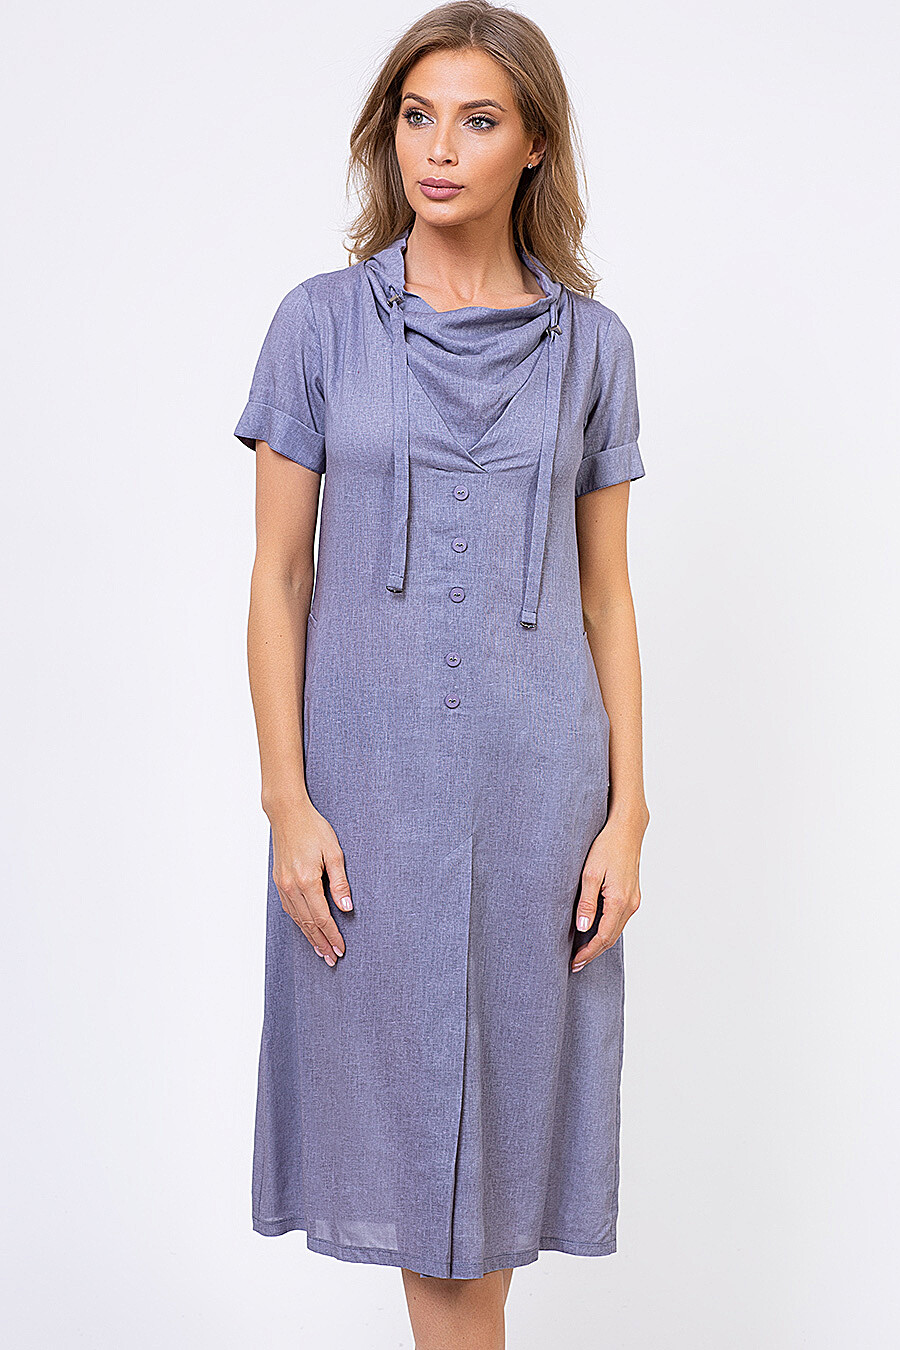 Платье DIMMA (121120), купить в Moyo.moda